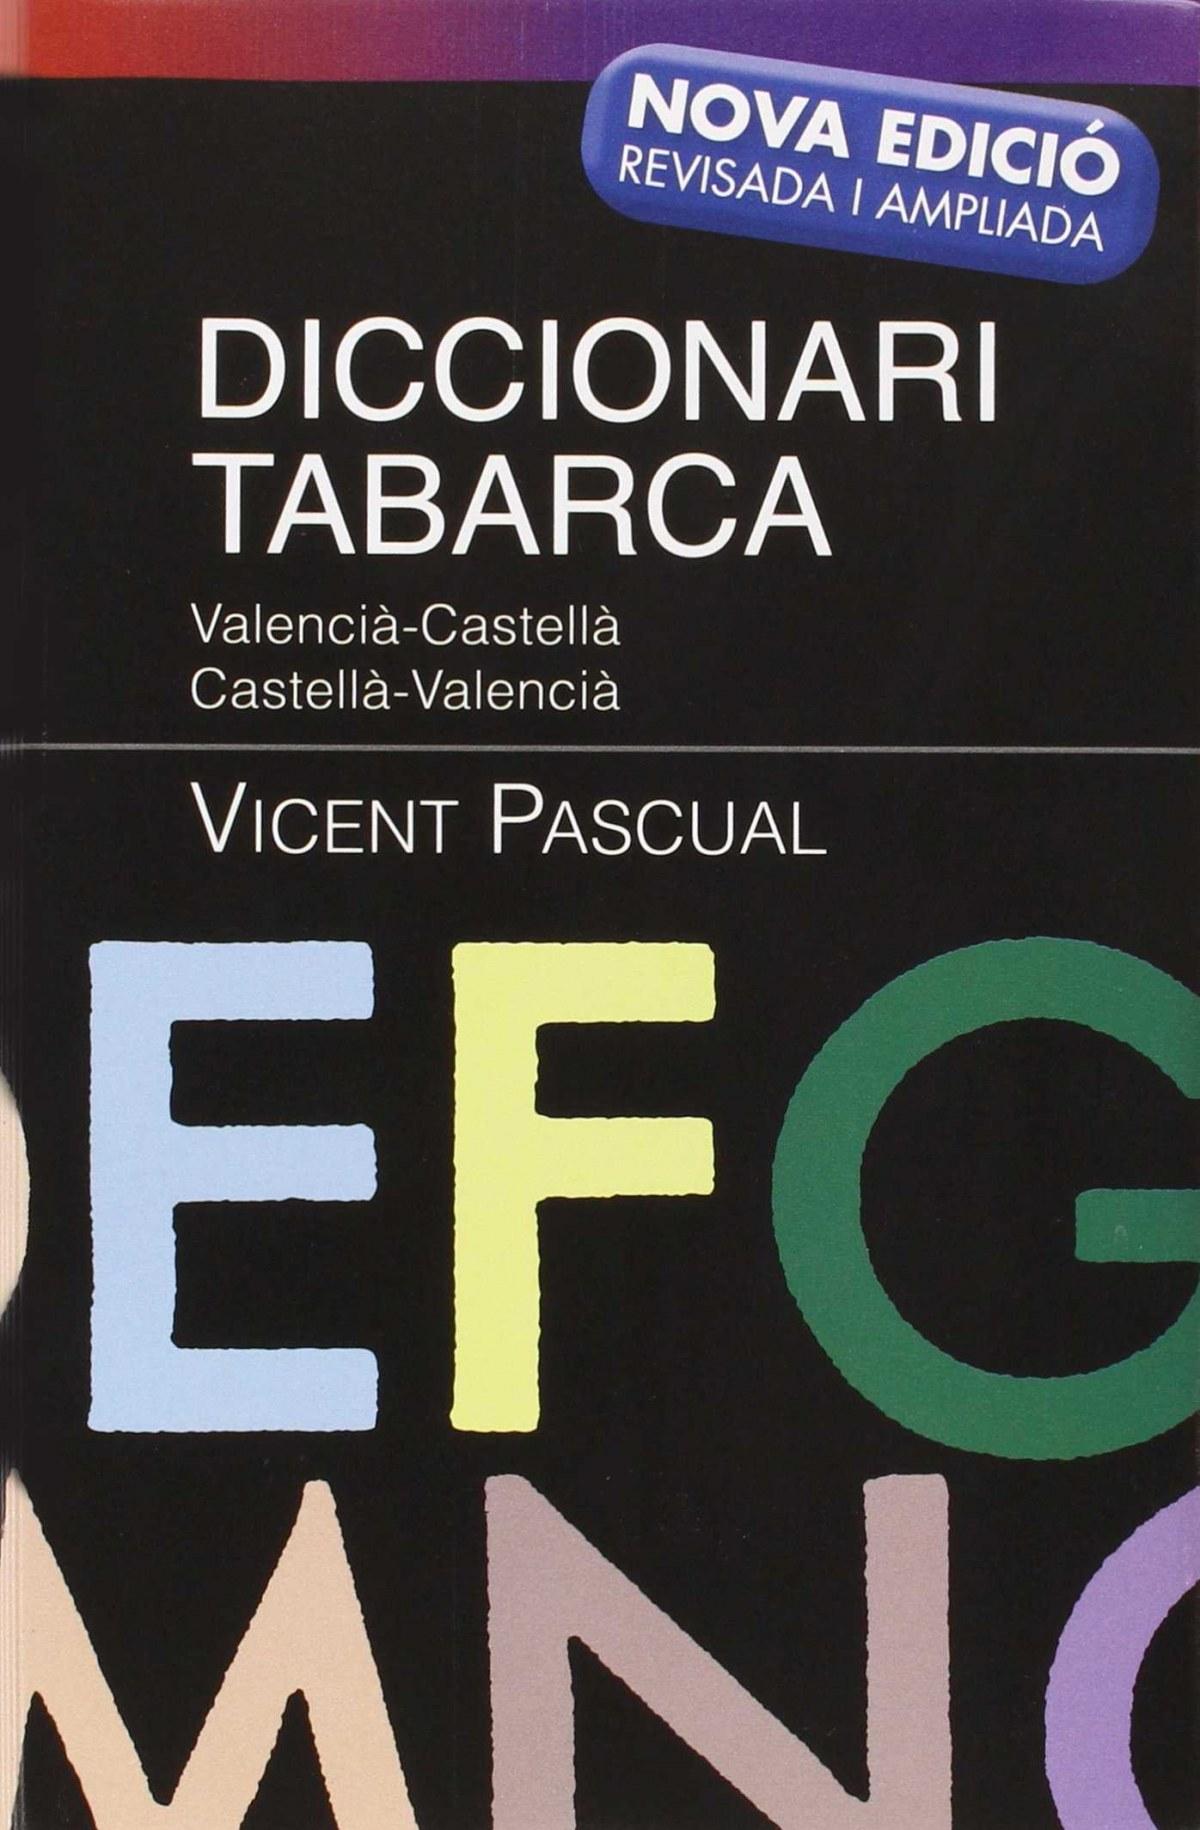 Diccionari tabarca llengua 9788480252973